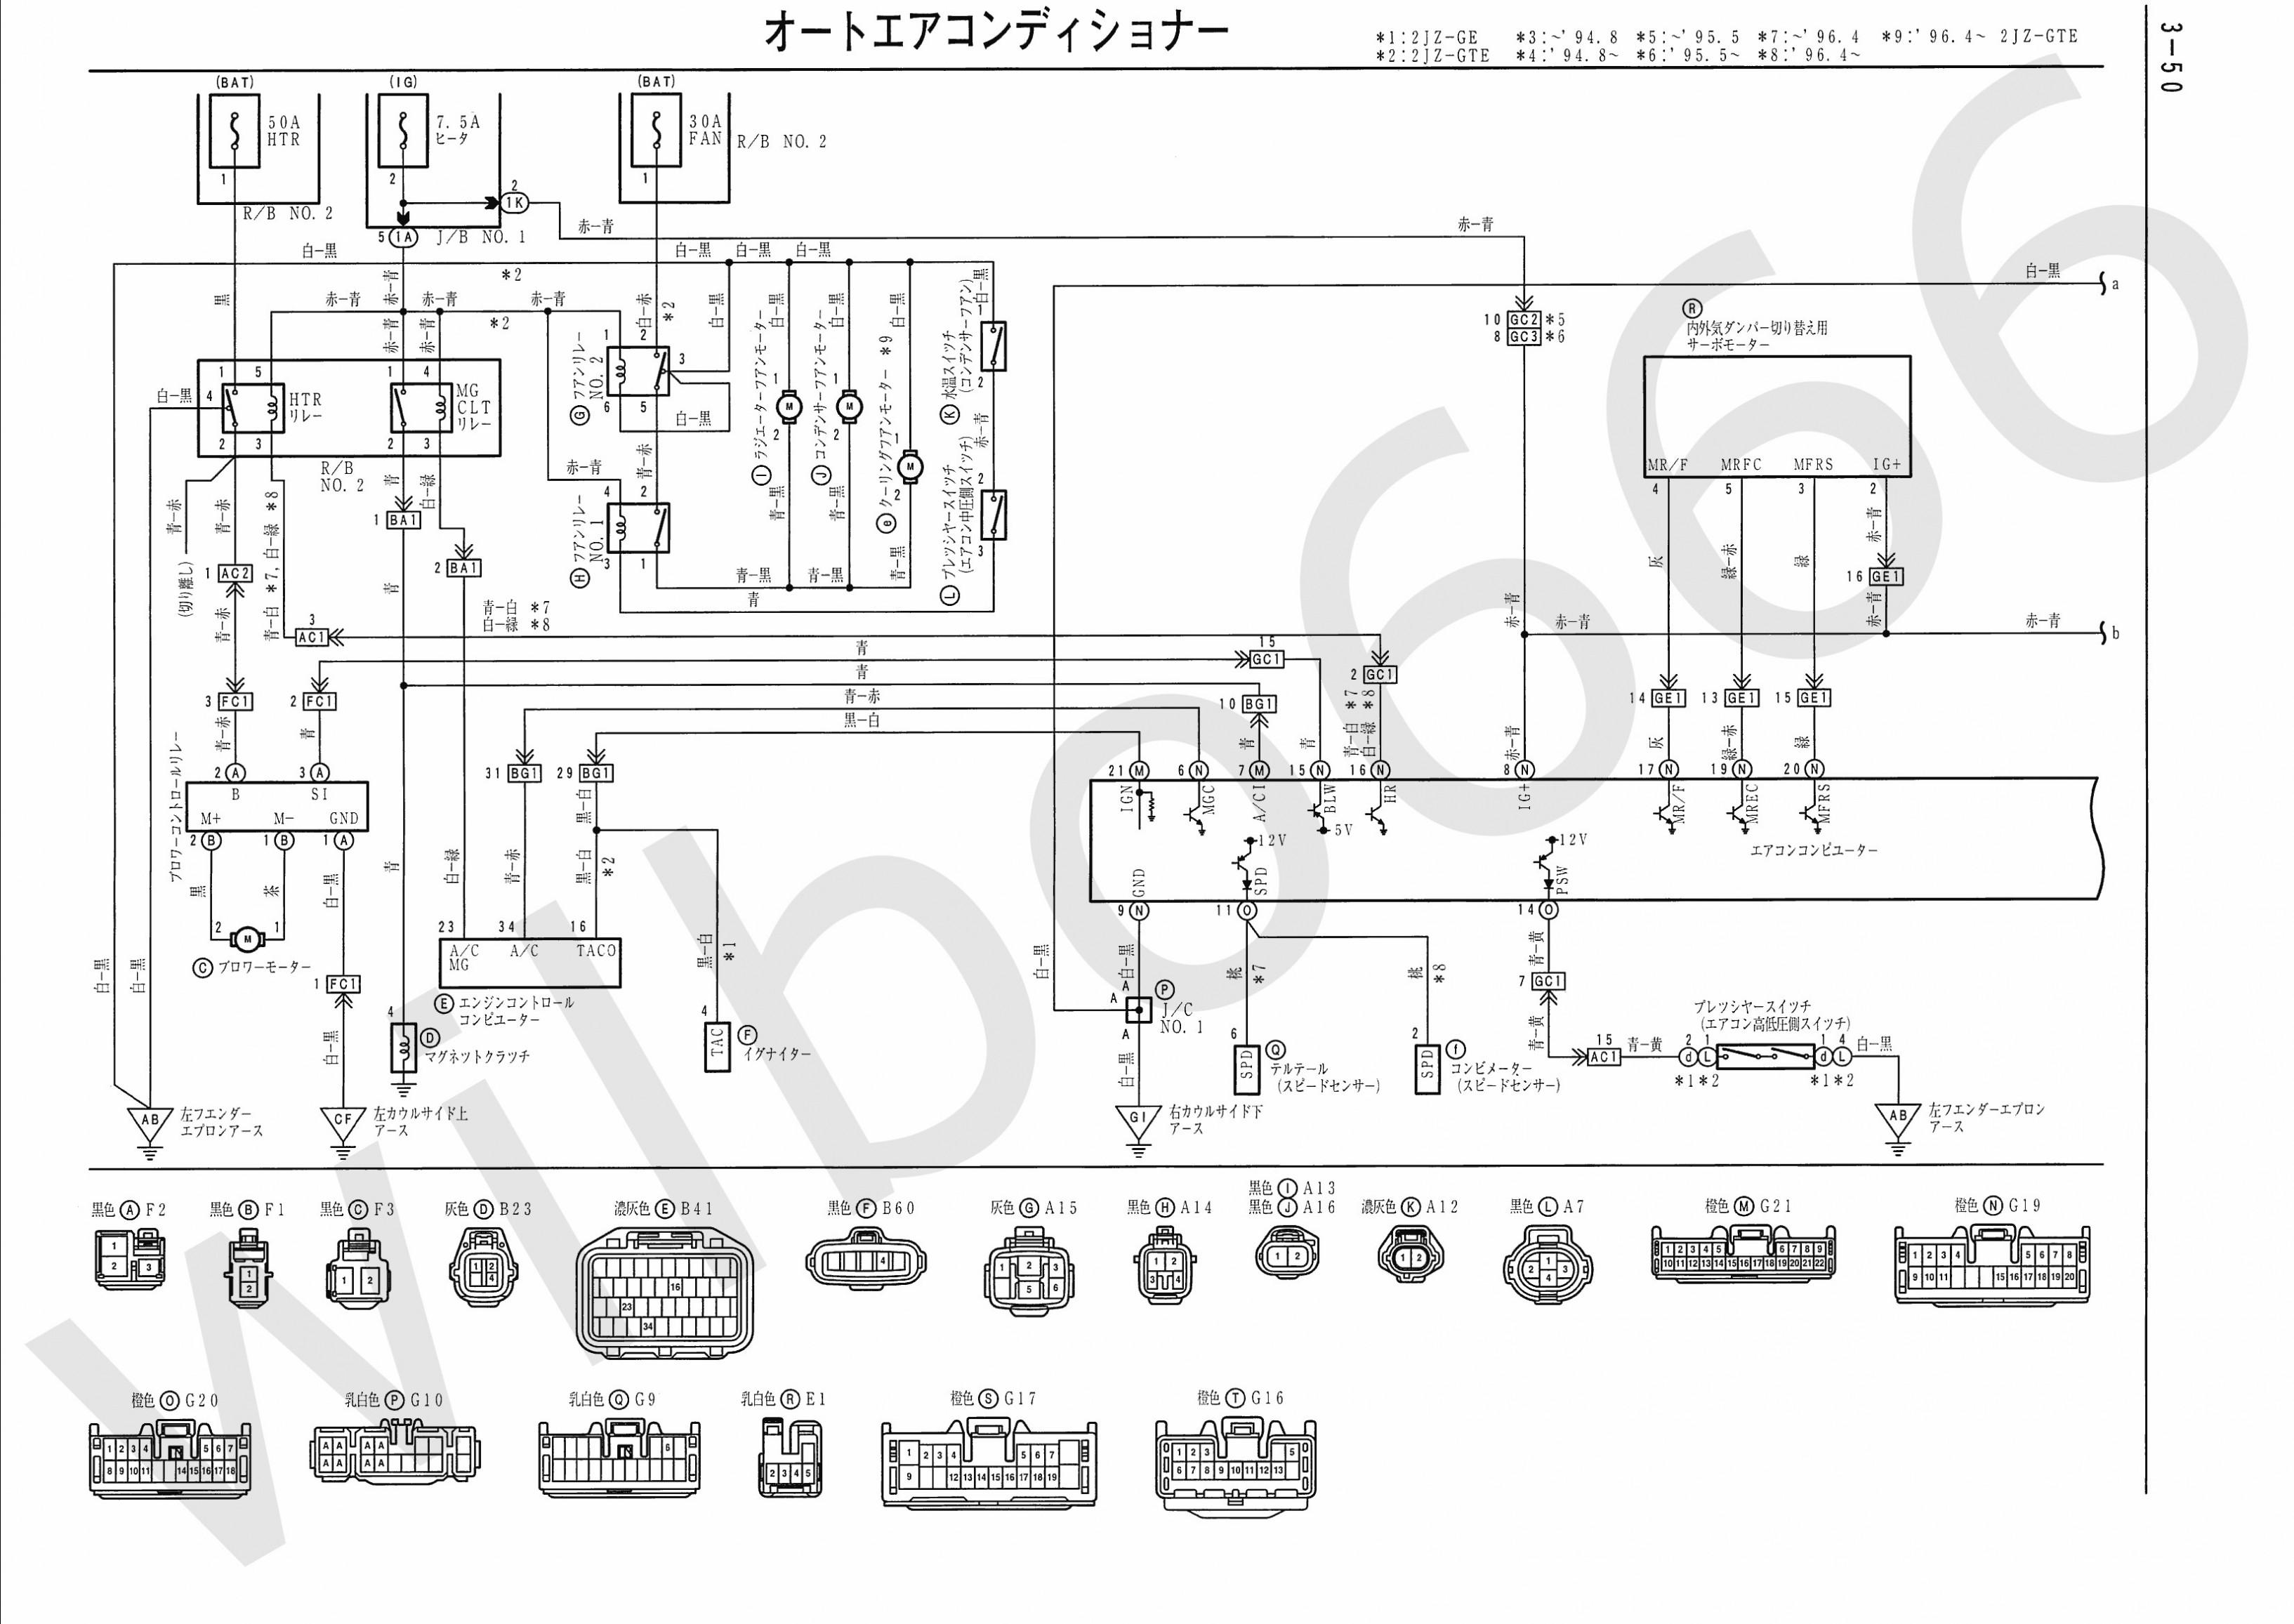 2005 Honda Civic Engine Diagram 1998 Civic Engine Diagram Layout Wiring Diagrams • Of 2005 Honda Civic Engine Diagram